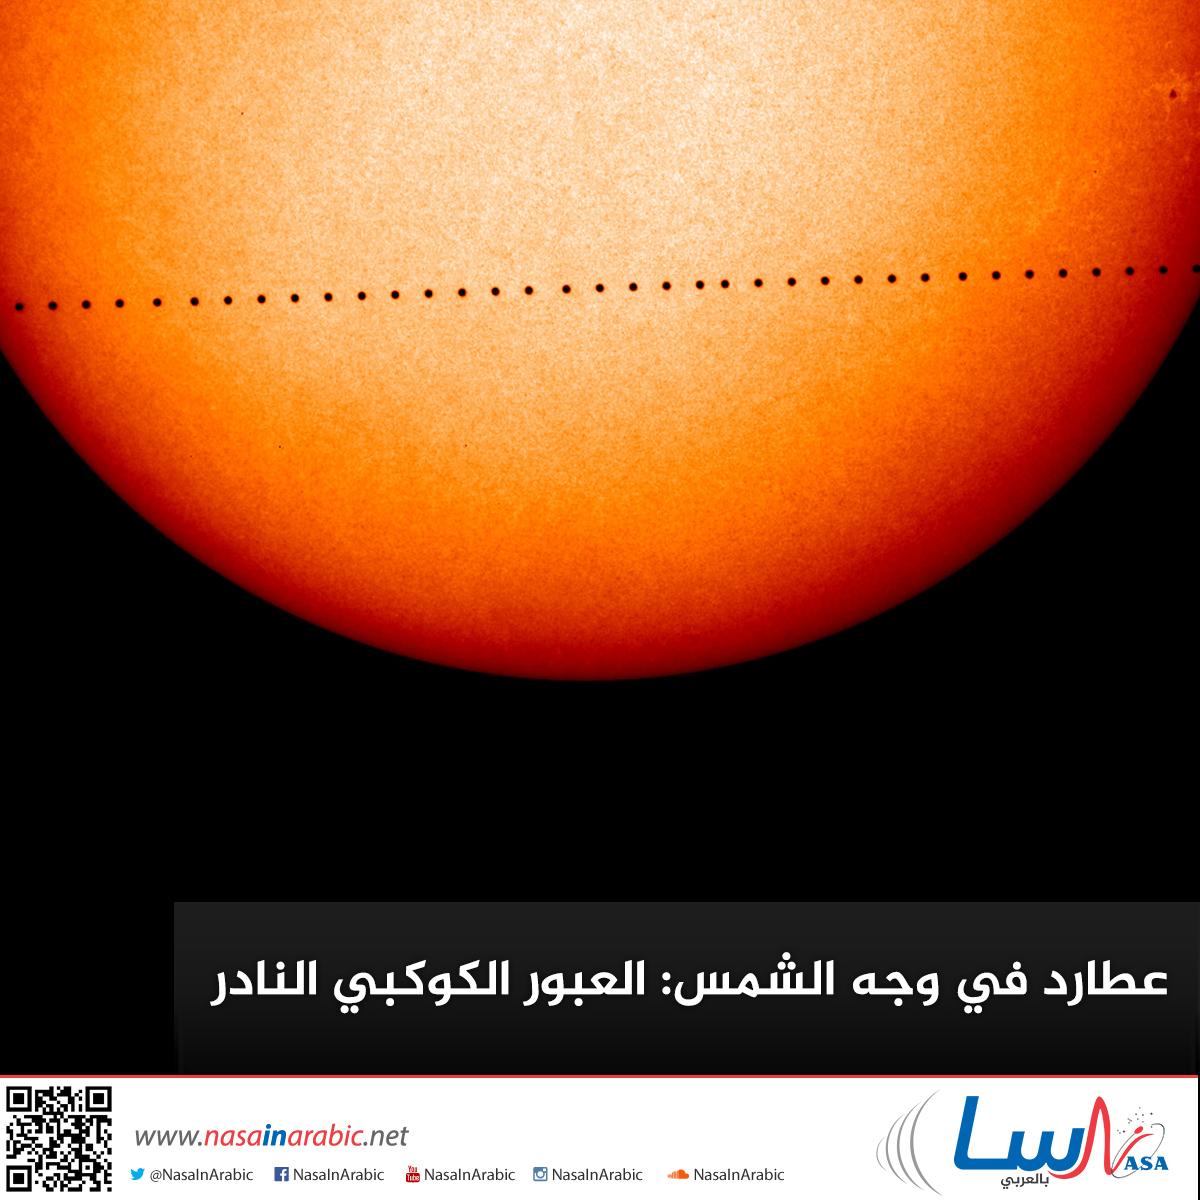 عطارد في وجه الشمس: العبور الكوكبي النادر